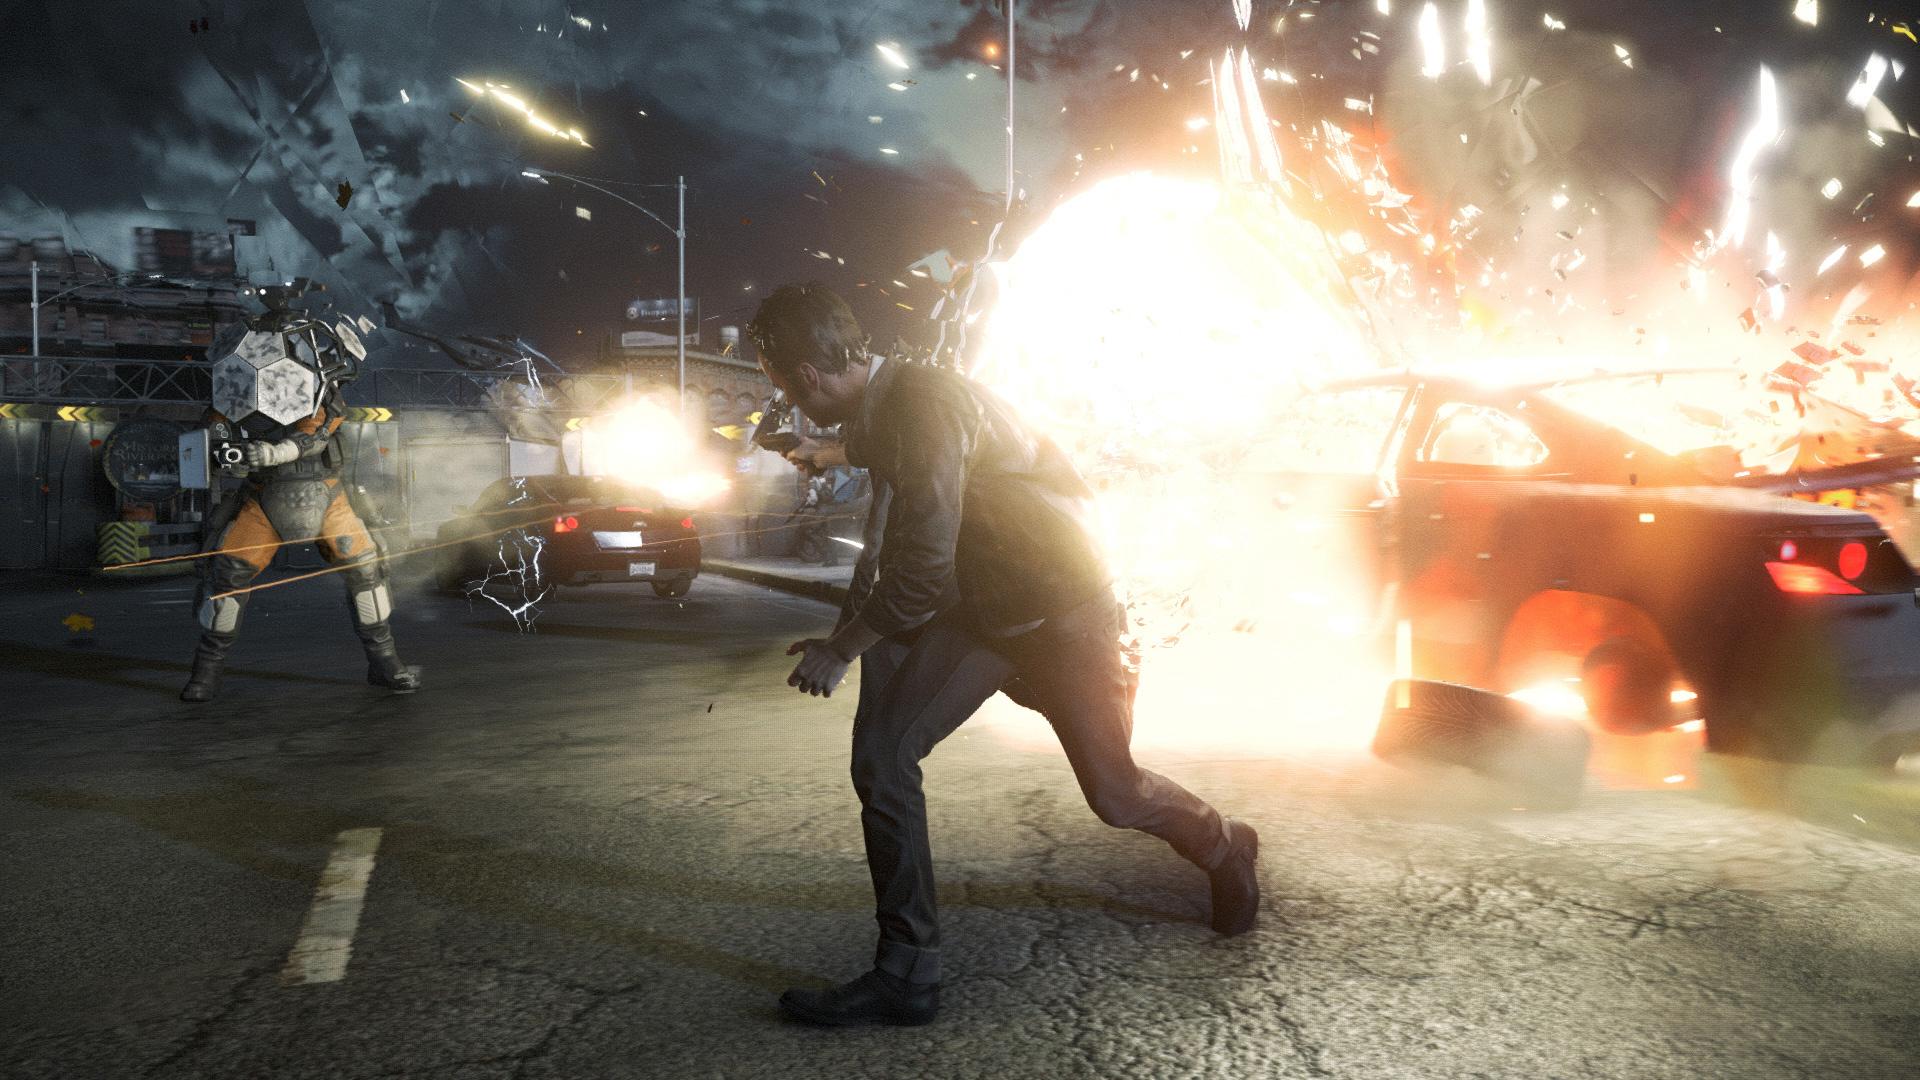 Confirmado: Quantum Break será lançado em 2015 [vídeo]